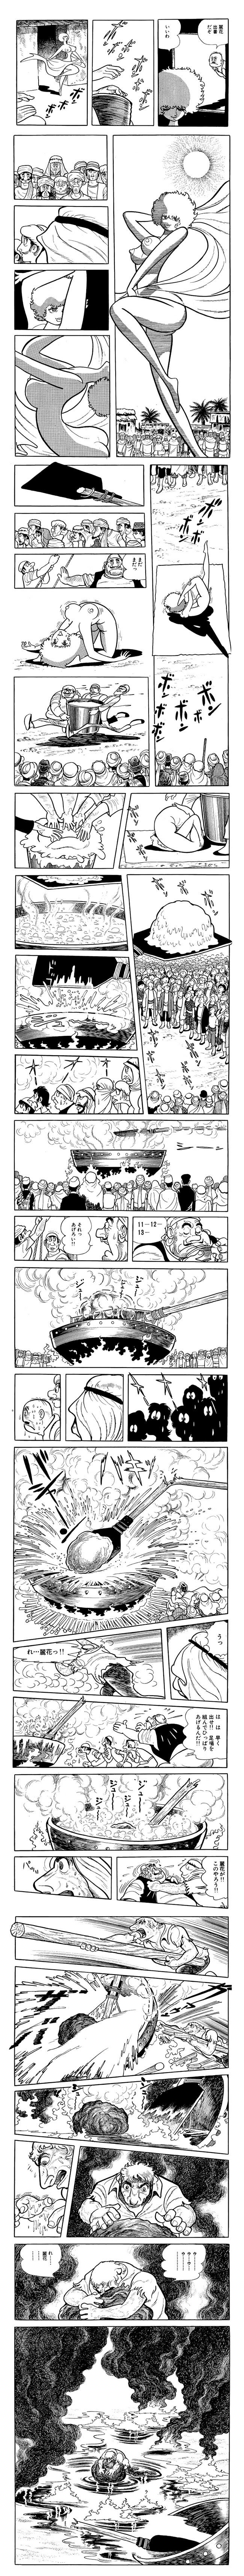 天ぷらショー後半